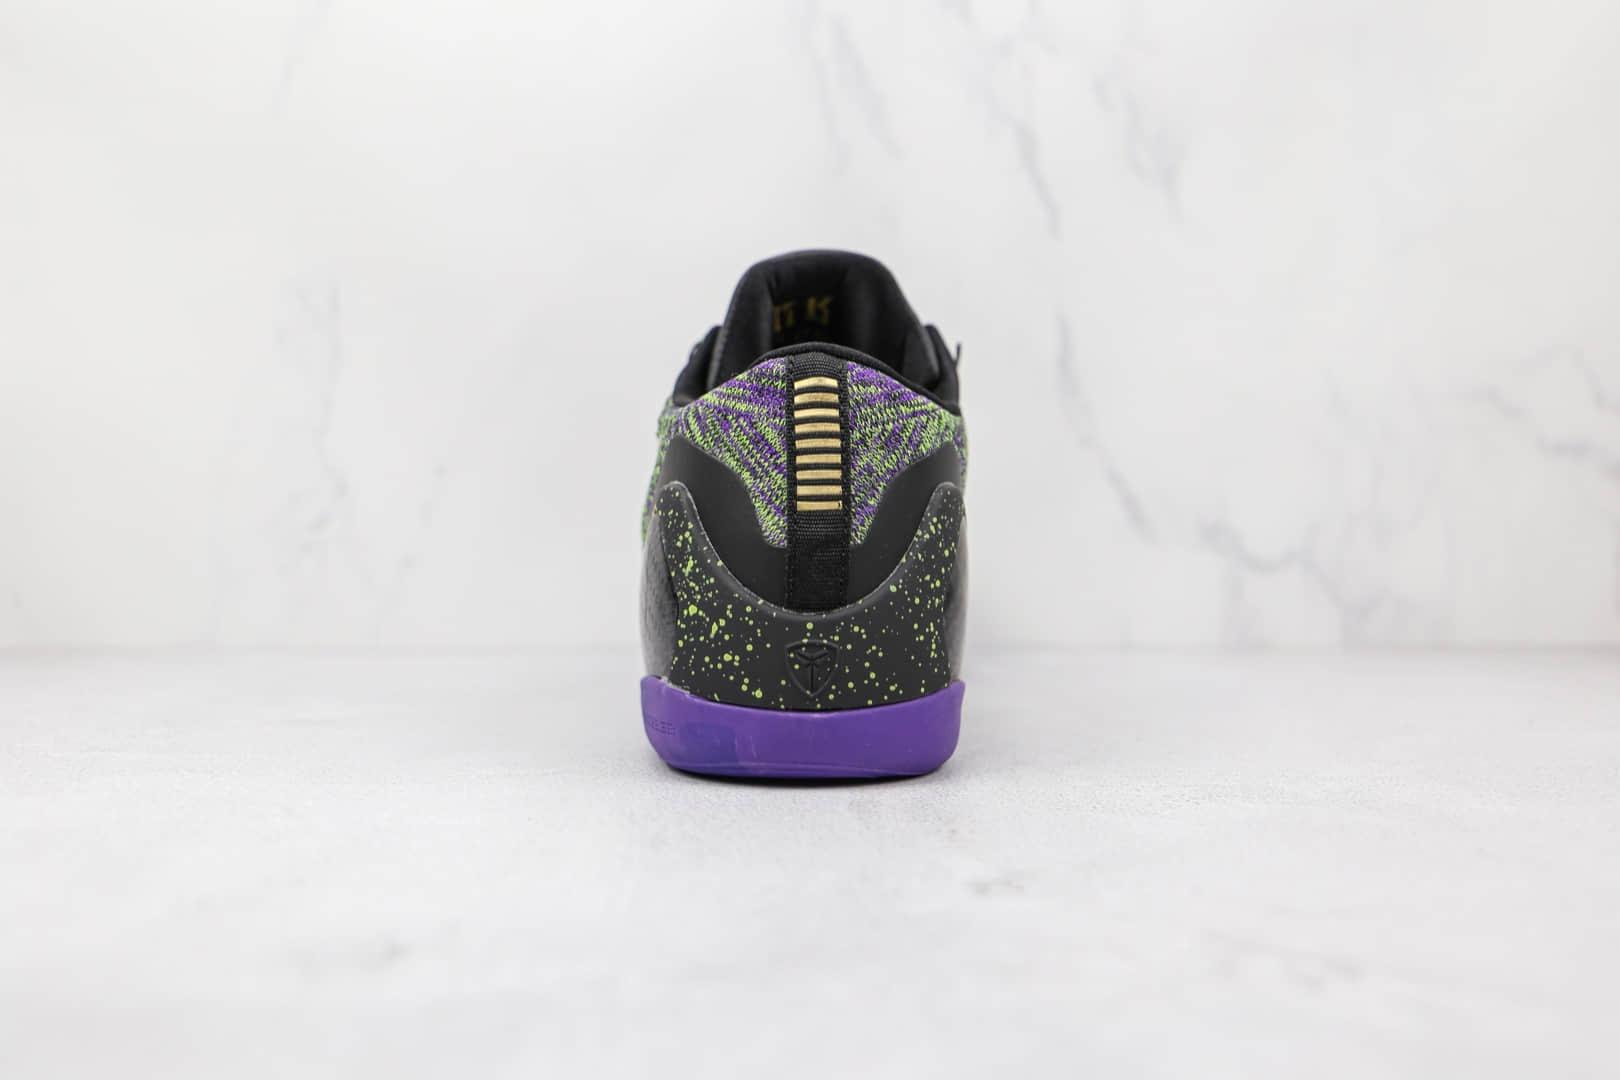 耐克Nike Kobe 9 Low Mamba Moment纯原版本科比9代黑绿紫曼巴时刻篮球鞋支持实战 货号:677992-998